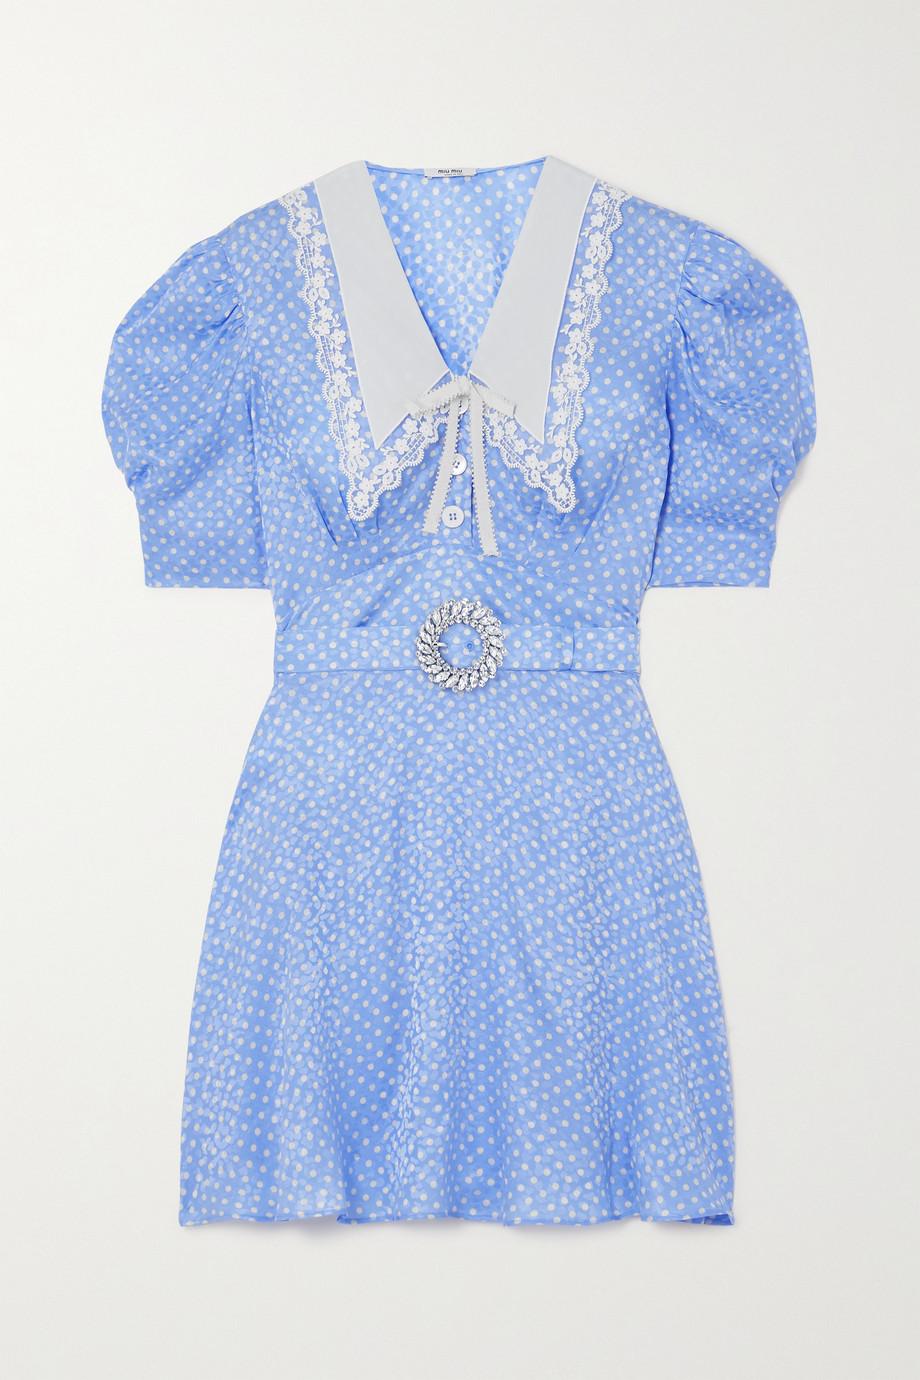 Miu Miu Mini-robe en jacquard de soie à pois et à cristaux